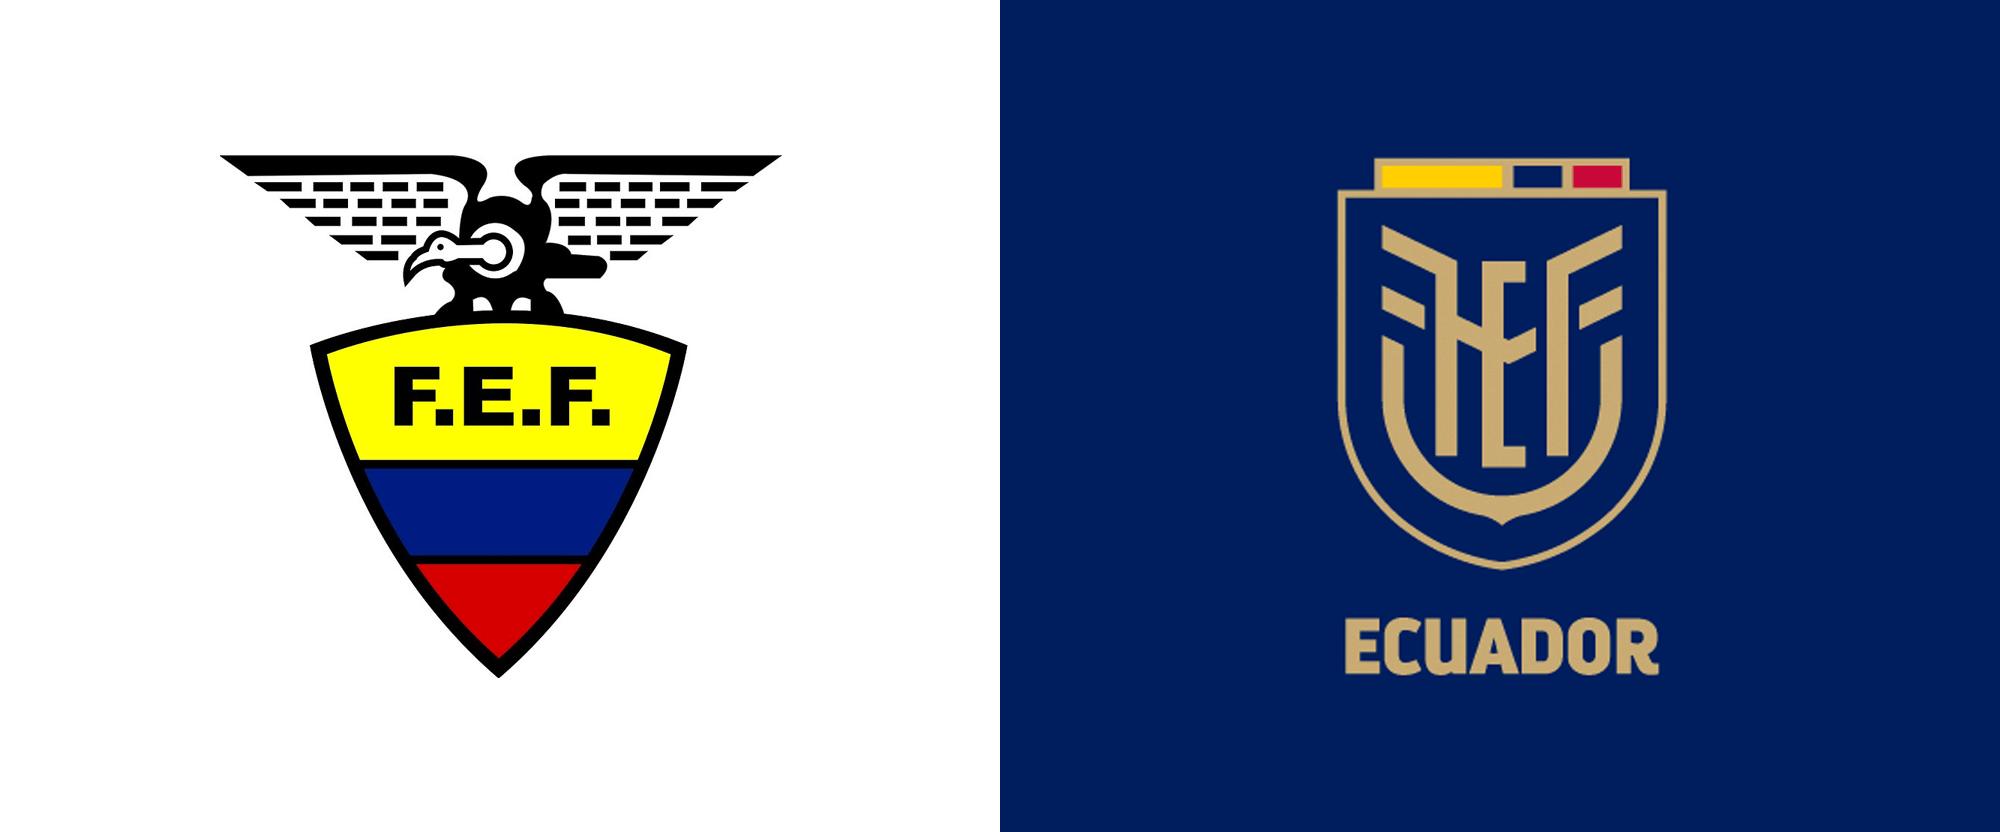 New Logo for Federación Ecuatoriana de Fútbol